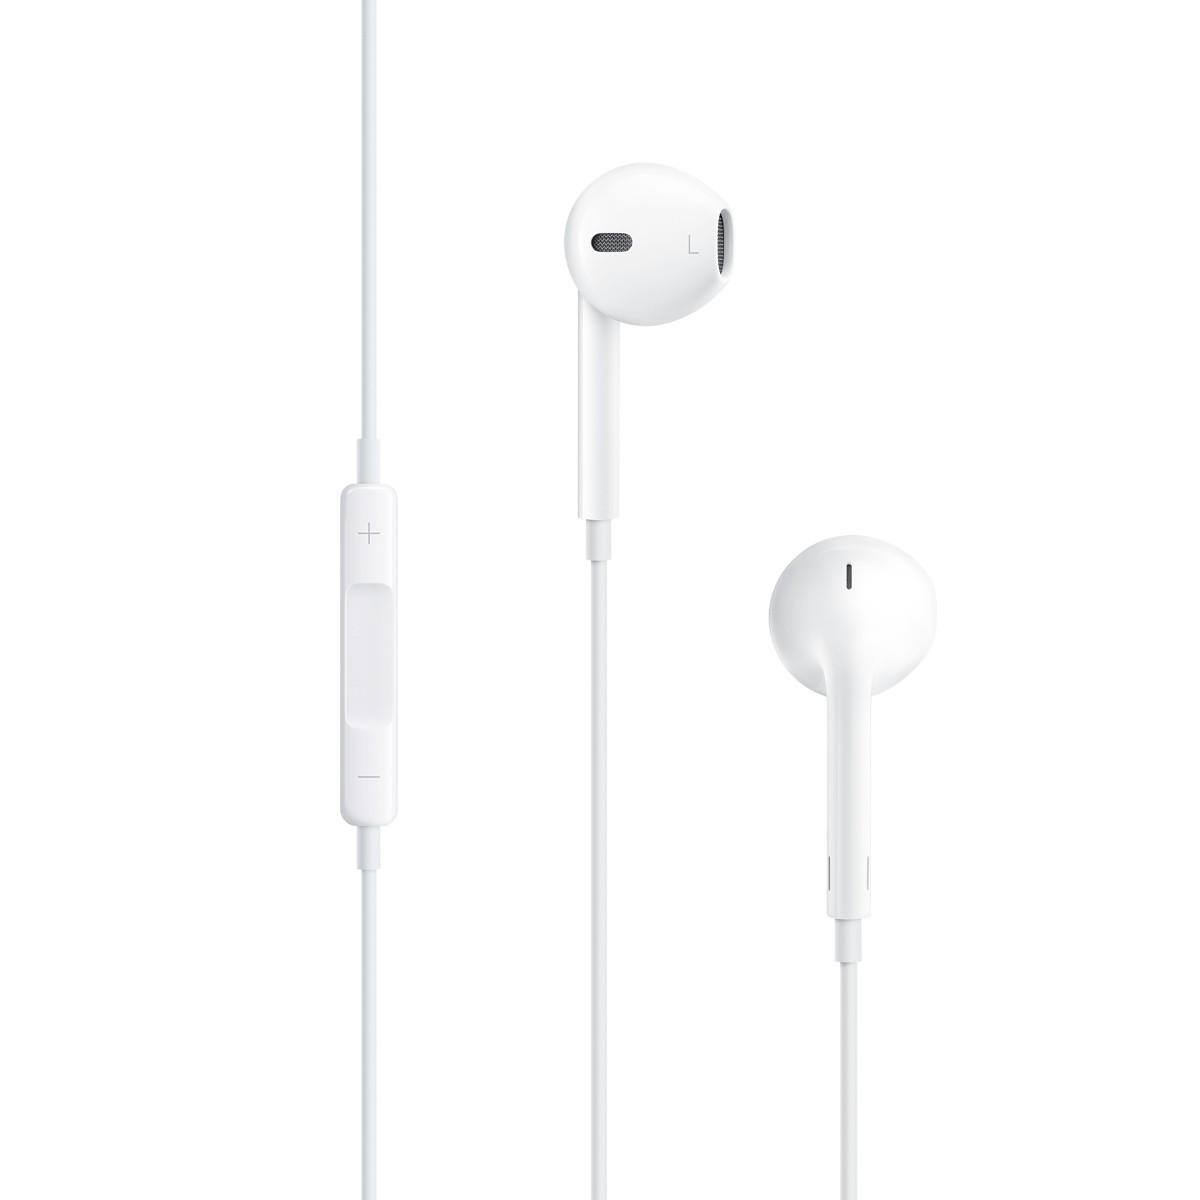 EarPods s 3,5mm sluchátkovým konektorem (mnhf2zm/a)